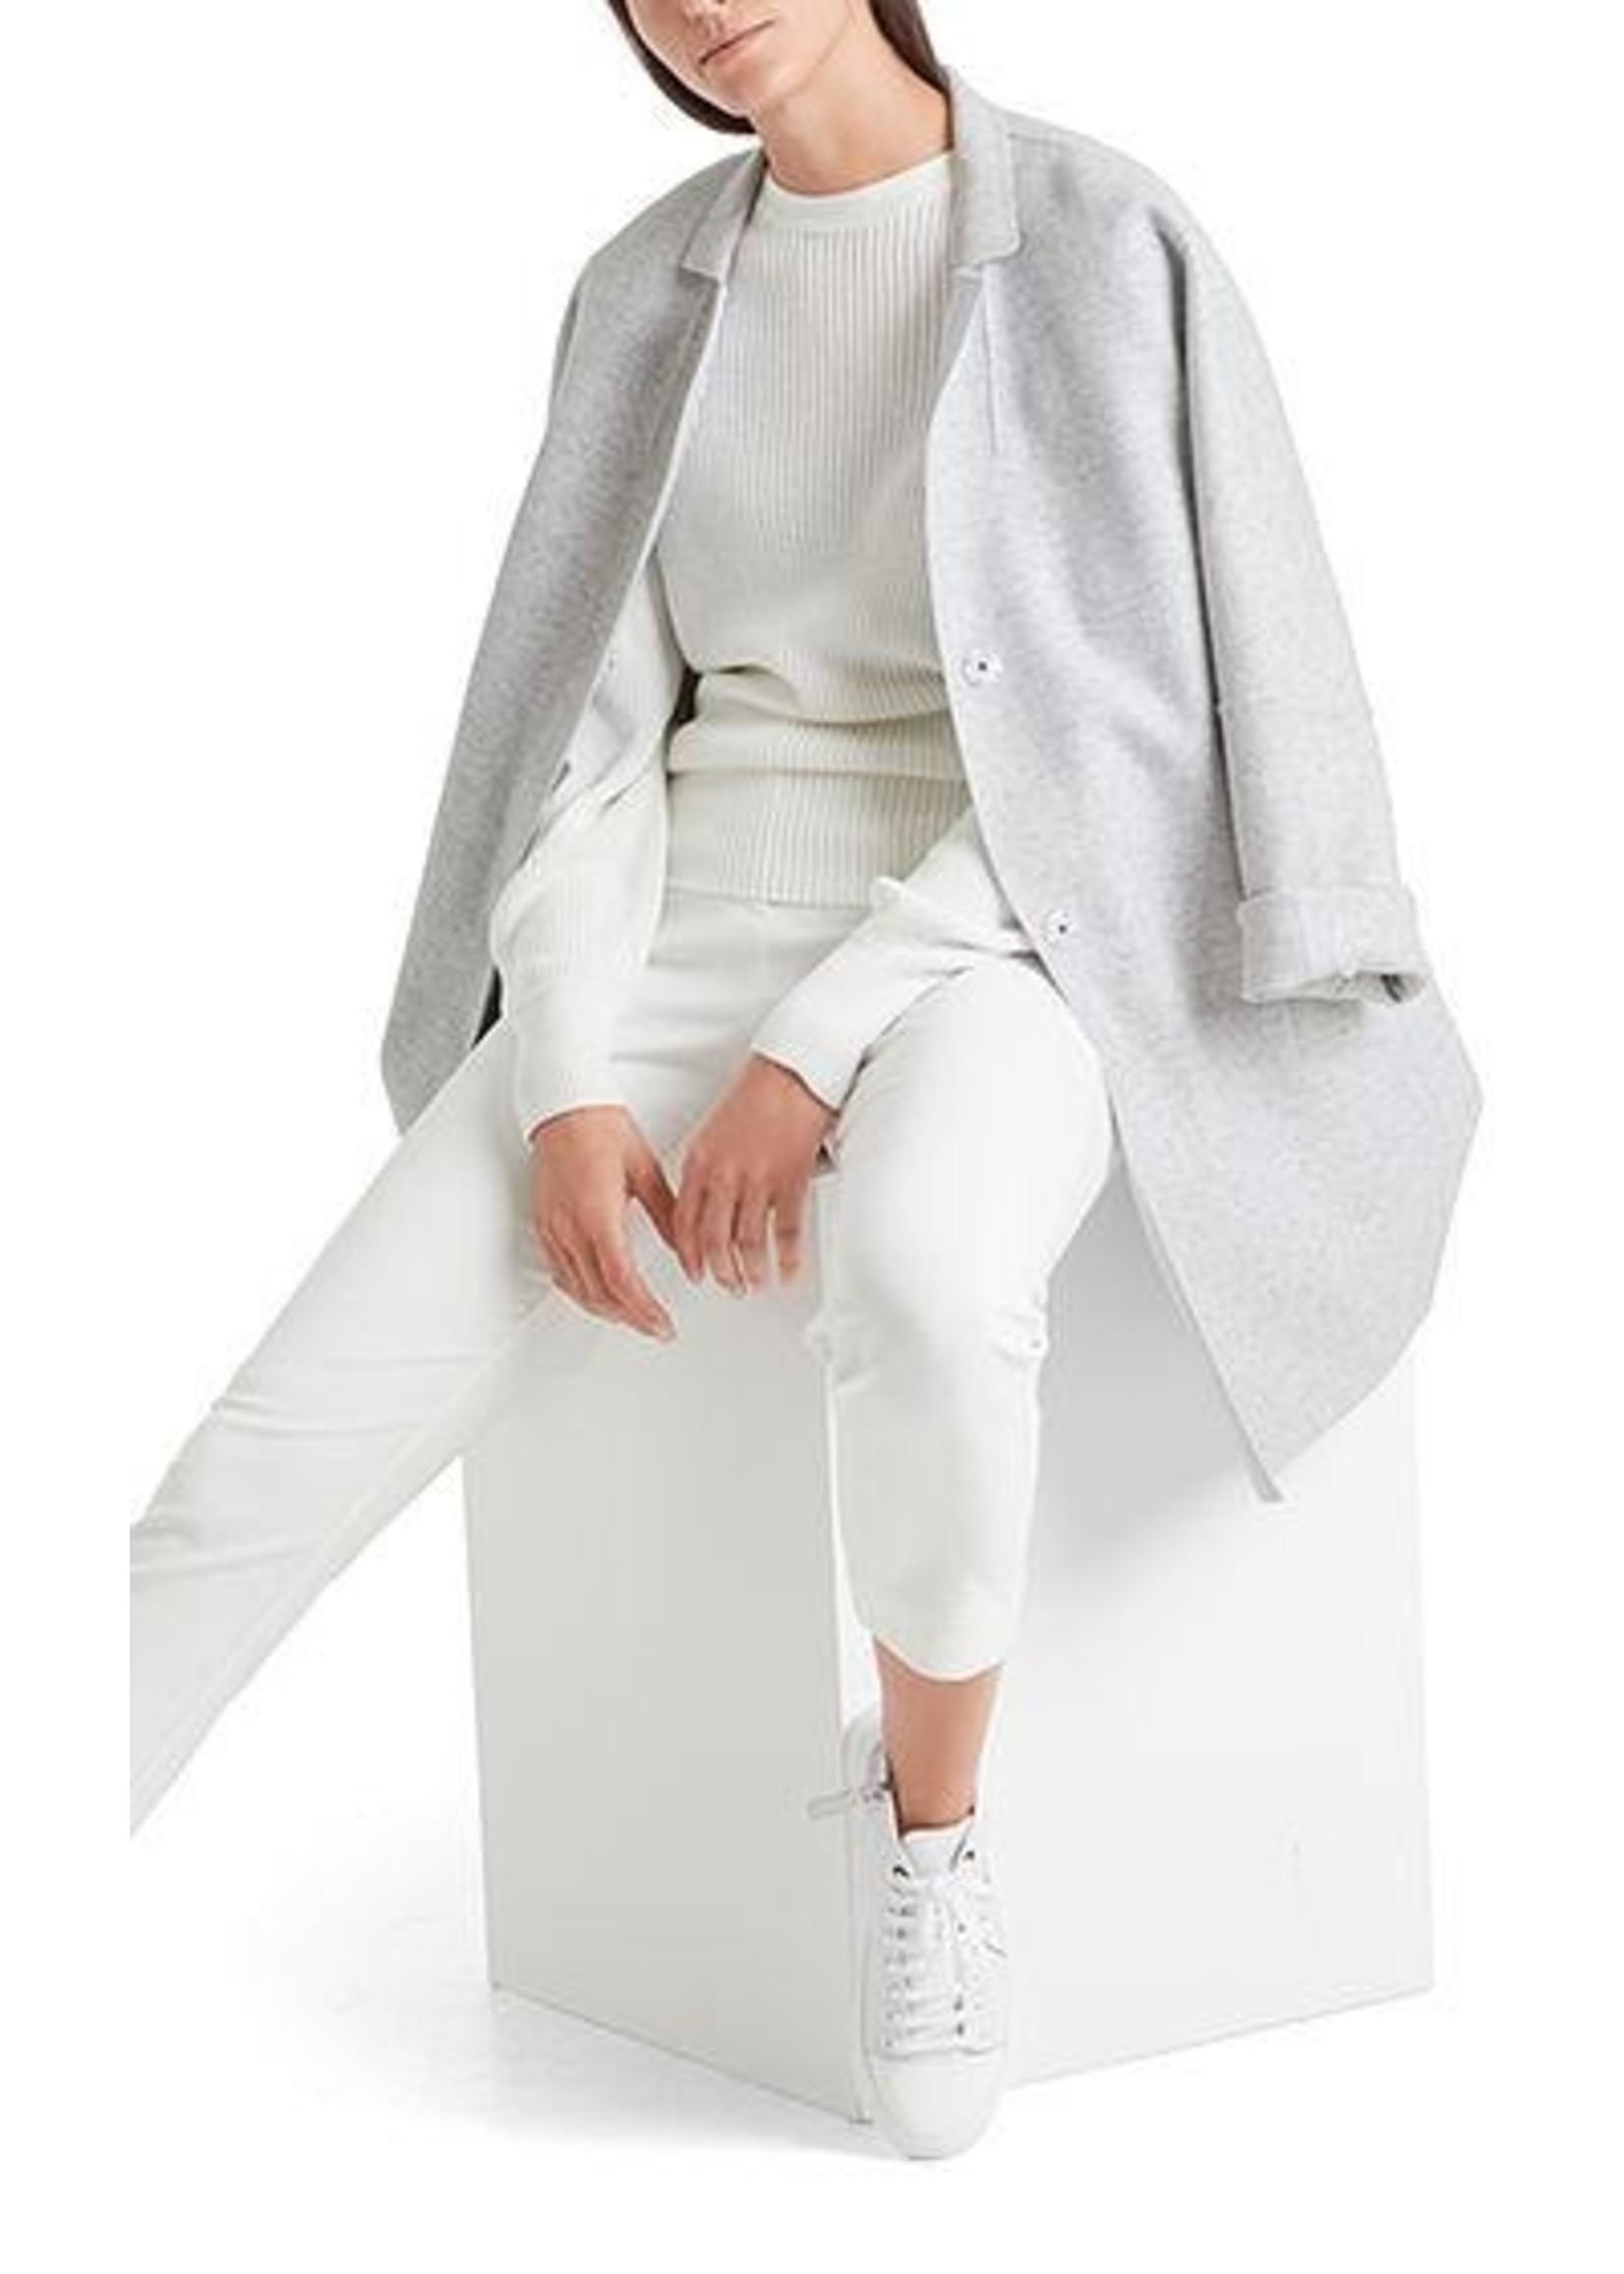 Outdoor jacket QS 12.04 W06